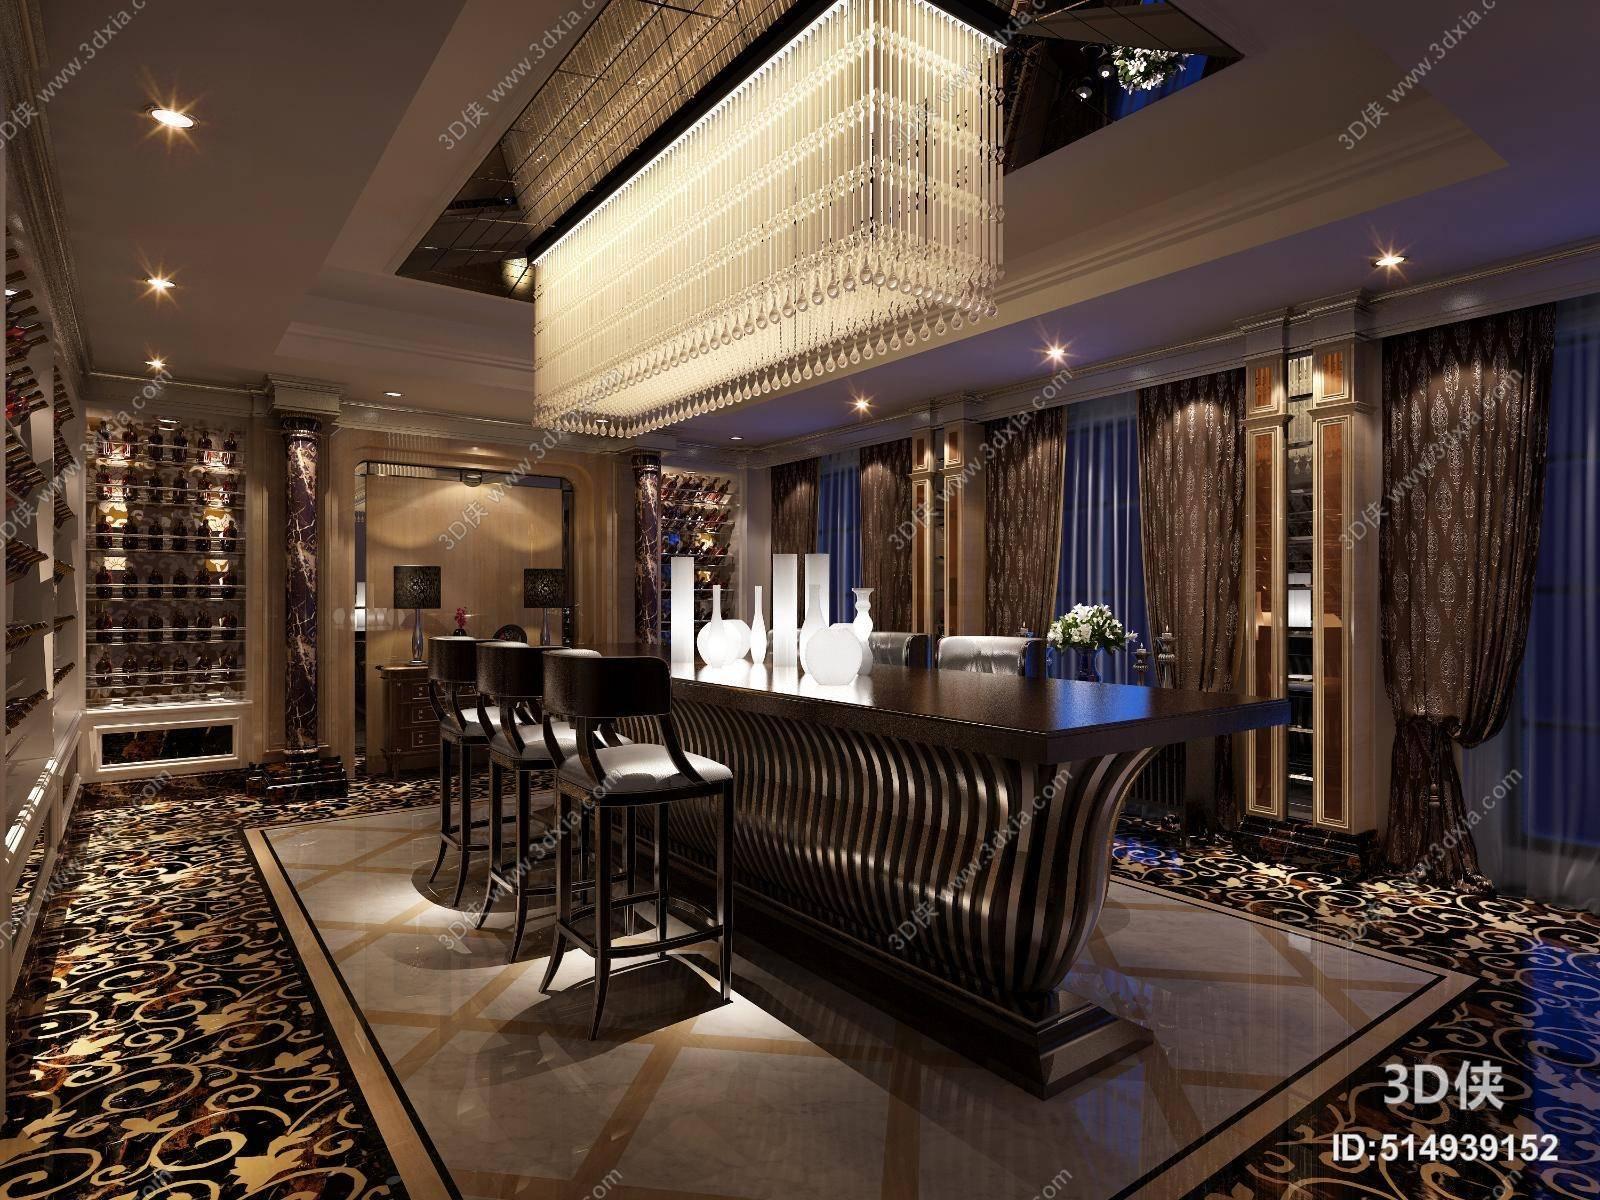 欧式新古典酒店会所 欧式新古典玻璃吊灯 欧式新古典黑色木艺吧椅组合